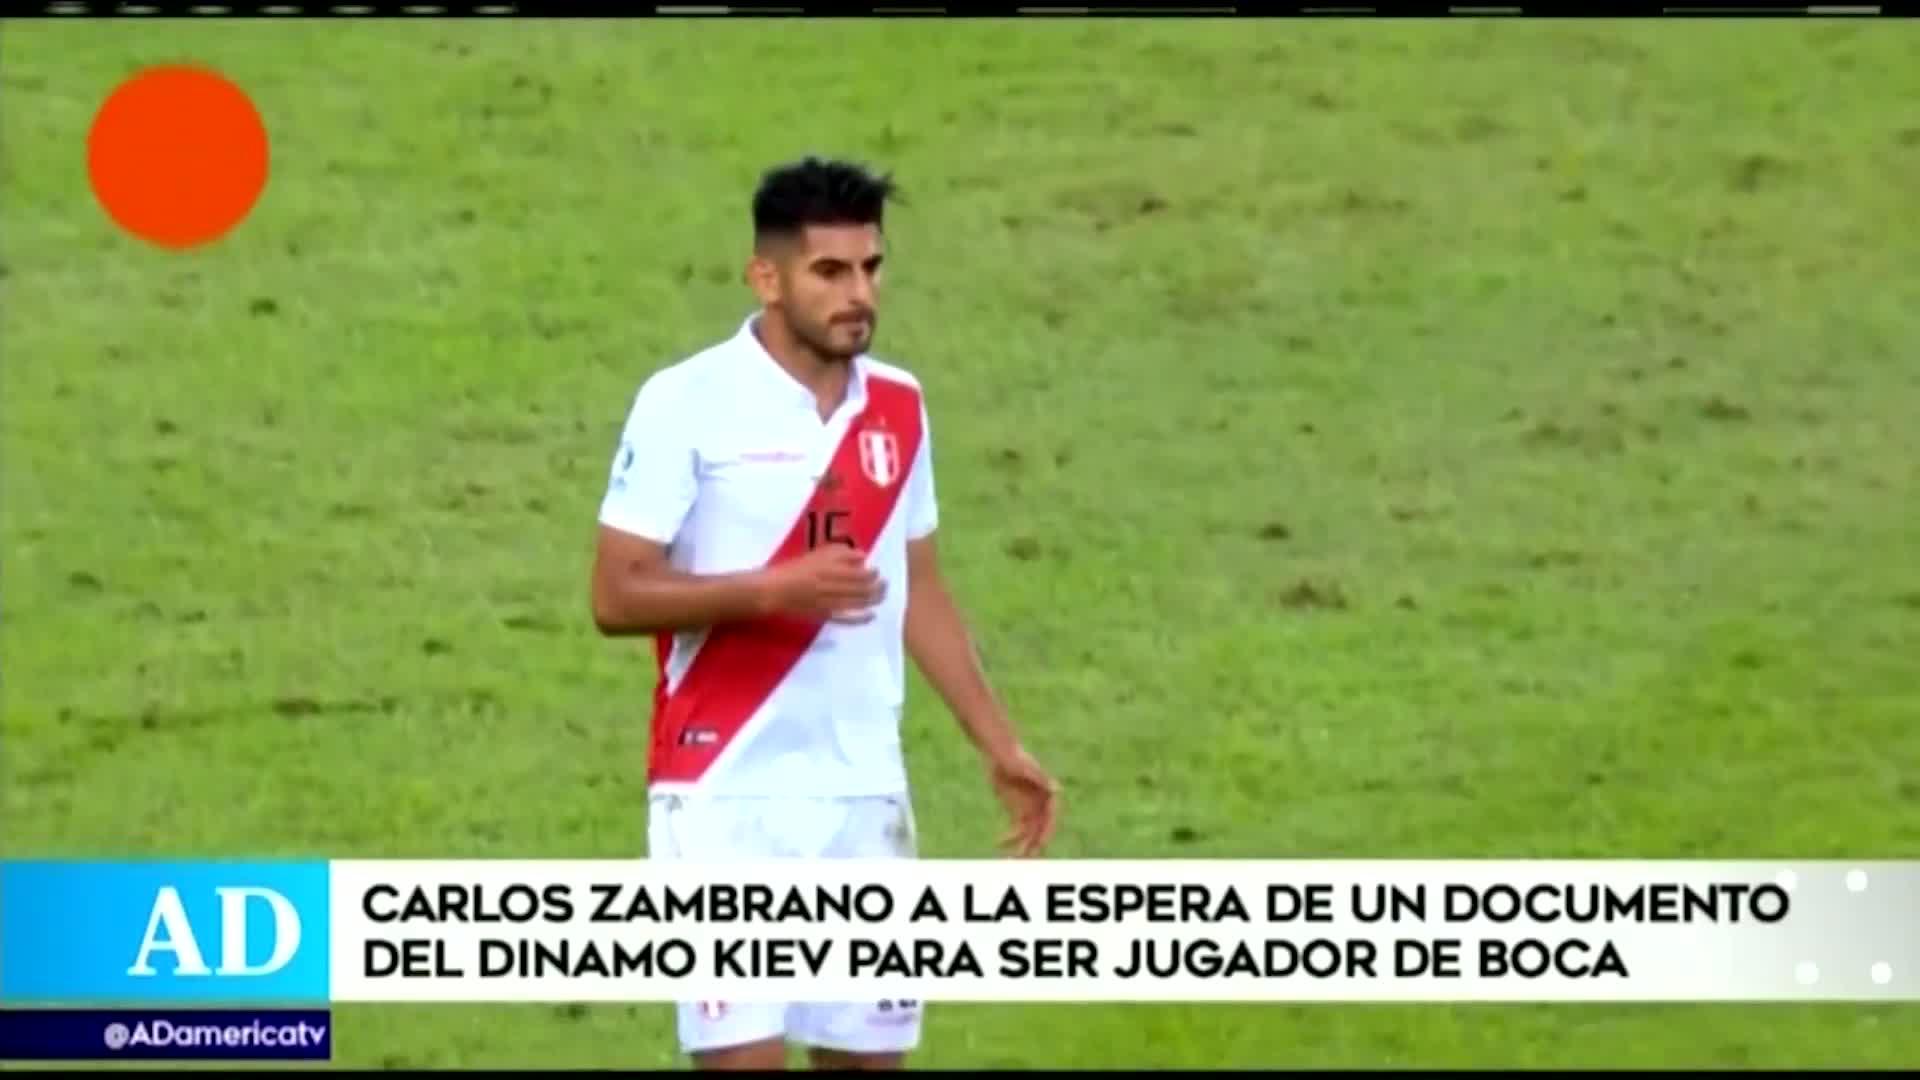 Carlos Zambrano a la espera de un documento para ser nuevo jugador de Boca Juniors